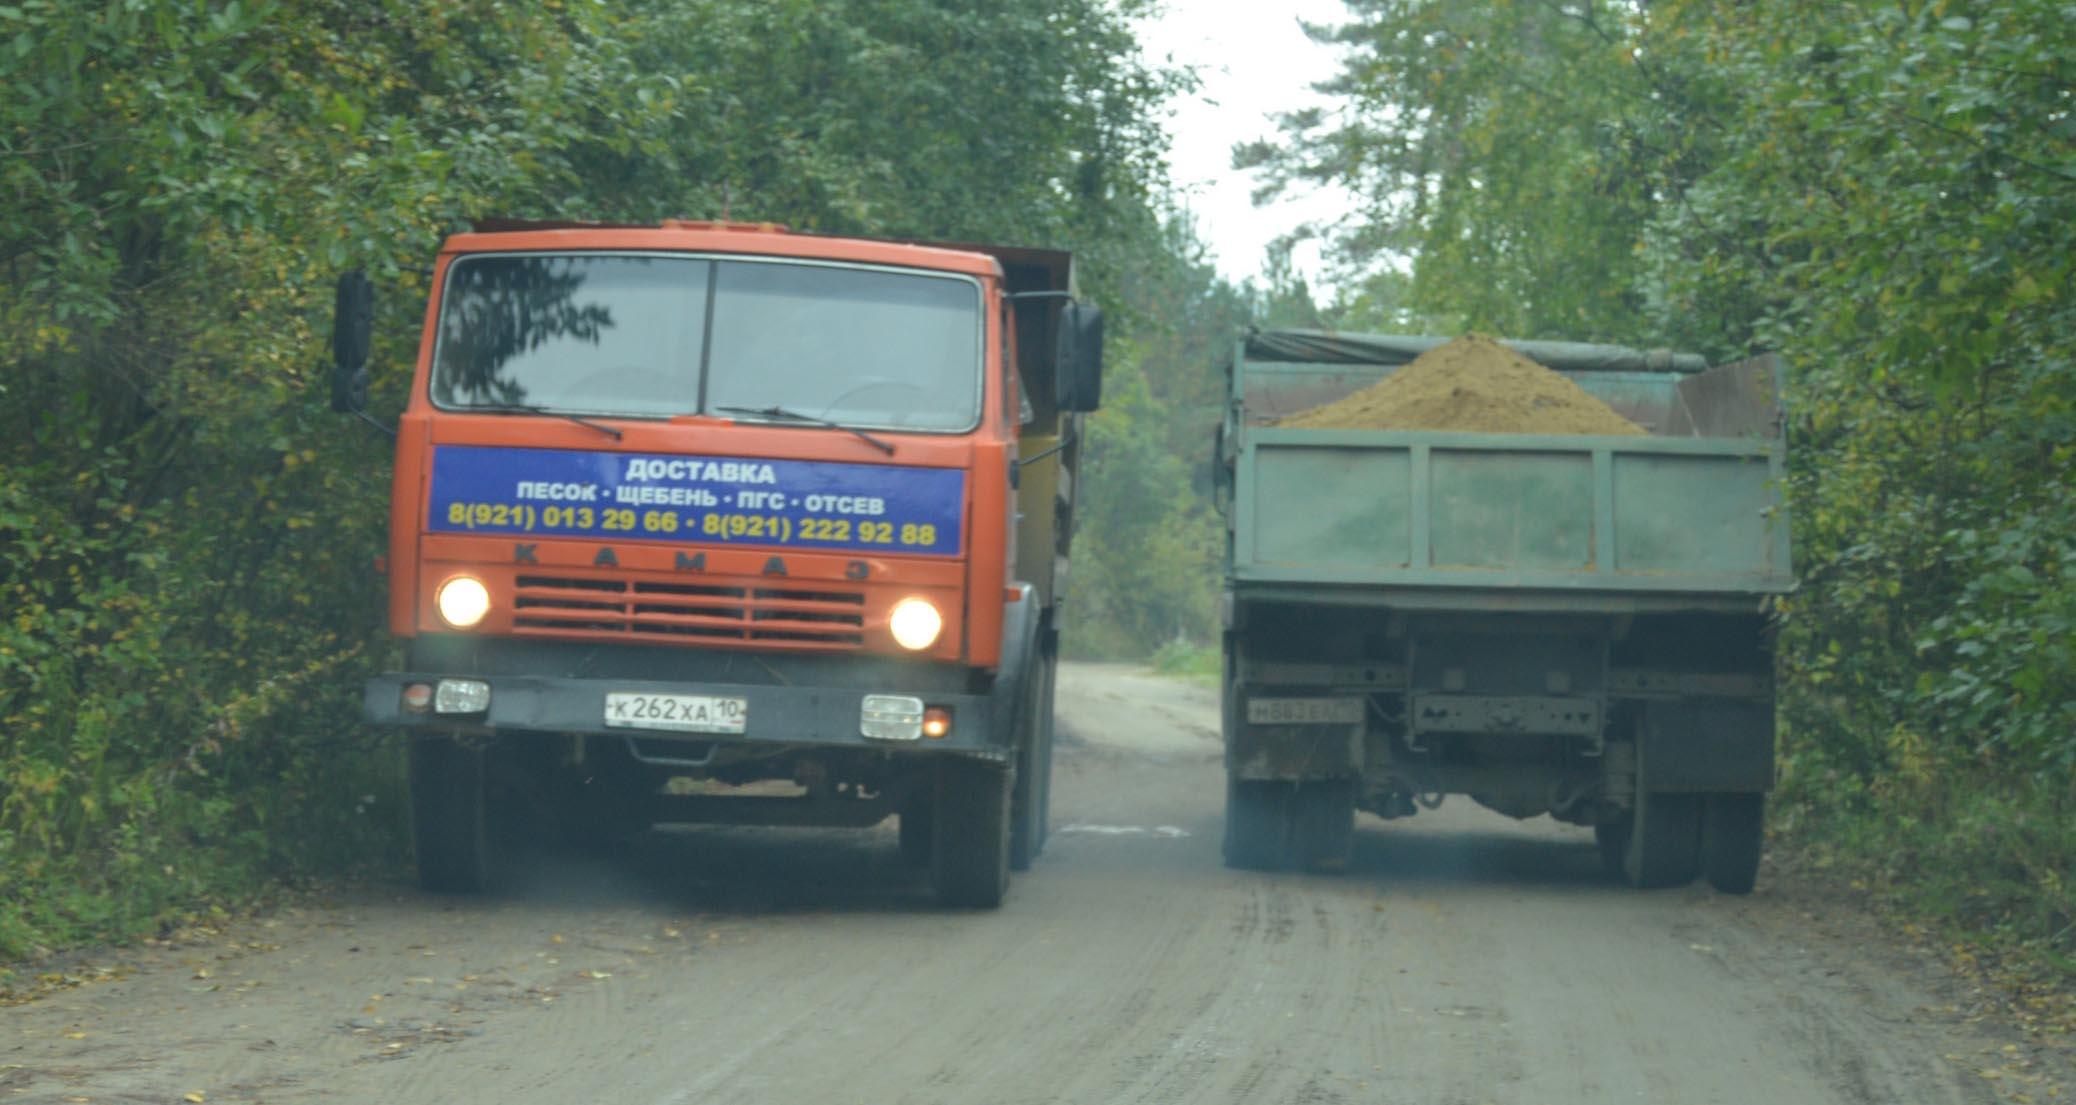 Кража песка в промышленных масштабах для сортавальских следователей не является преступлением. Фото: Александр Луговской